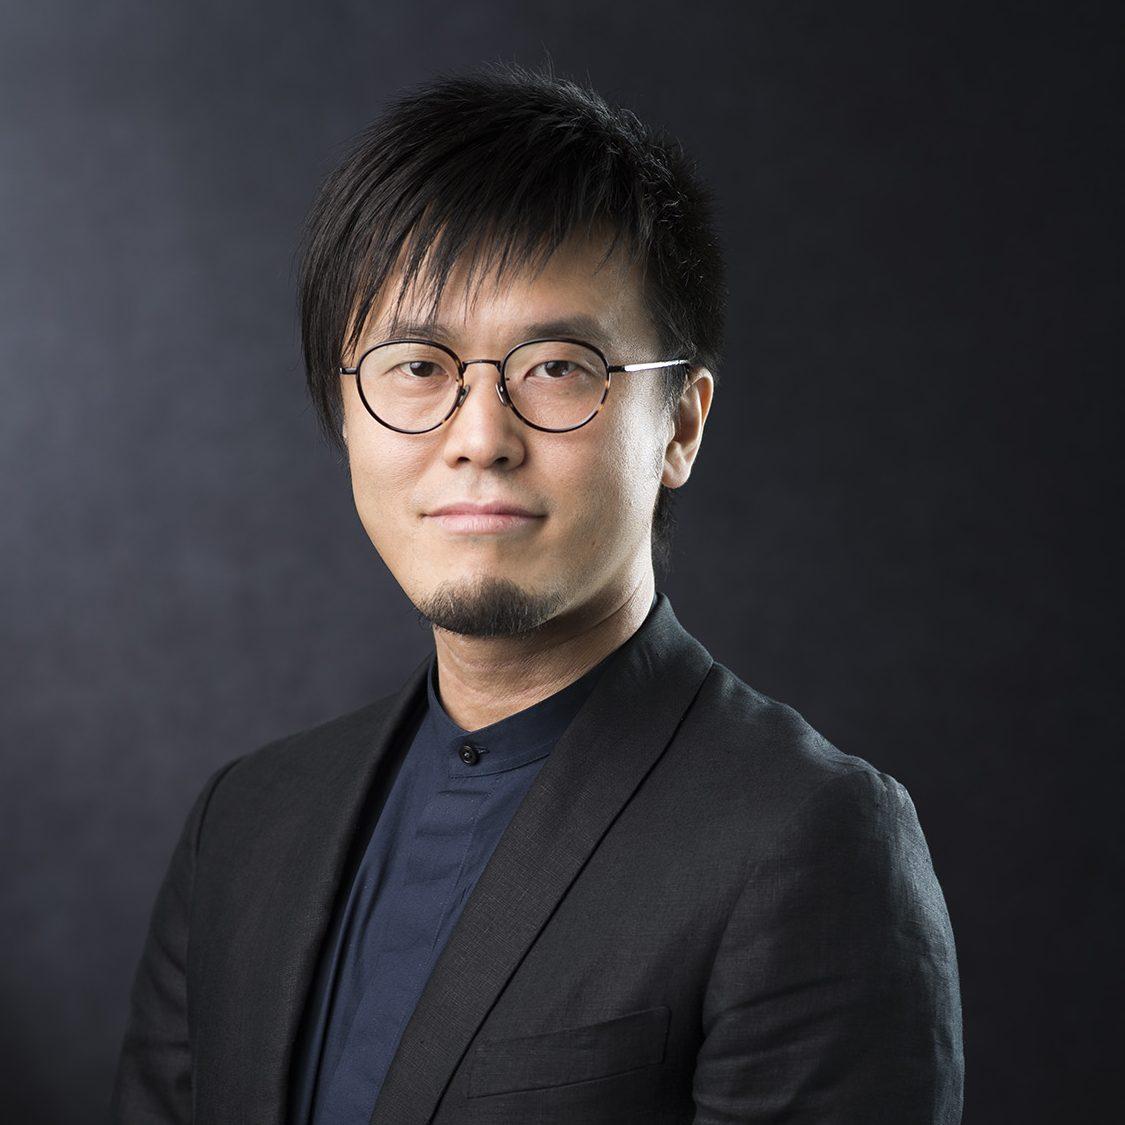 キリロム工科大学 2021年3月1日付 新進気鋭のデザイナー、NOSIGNERの太刀川英輔氏が理事に就任